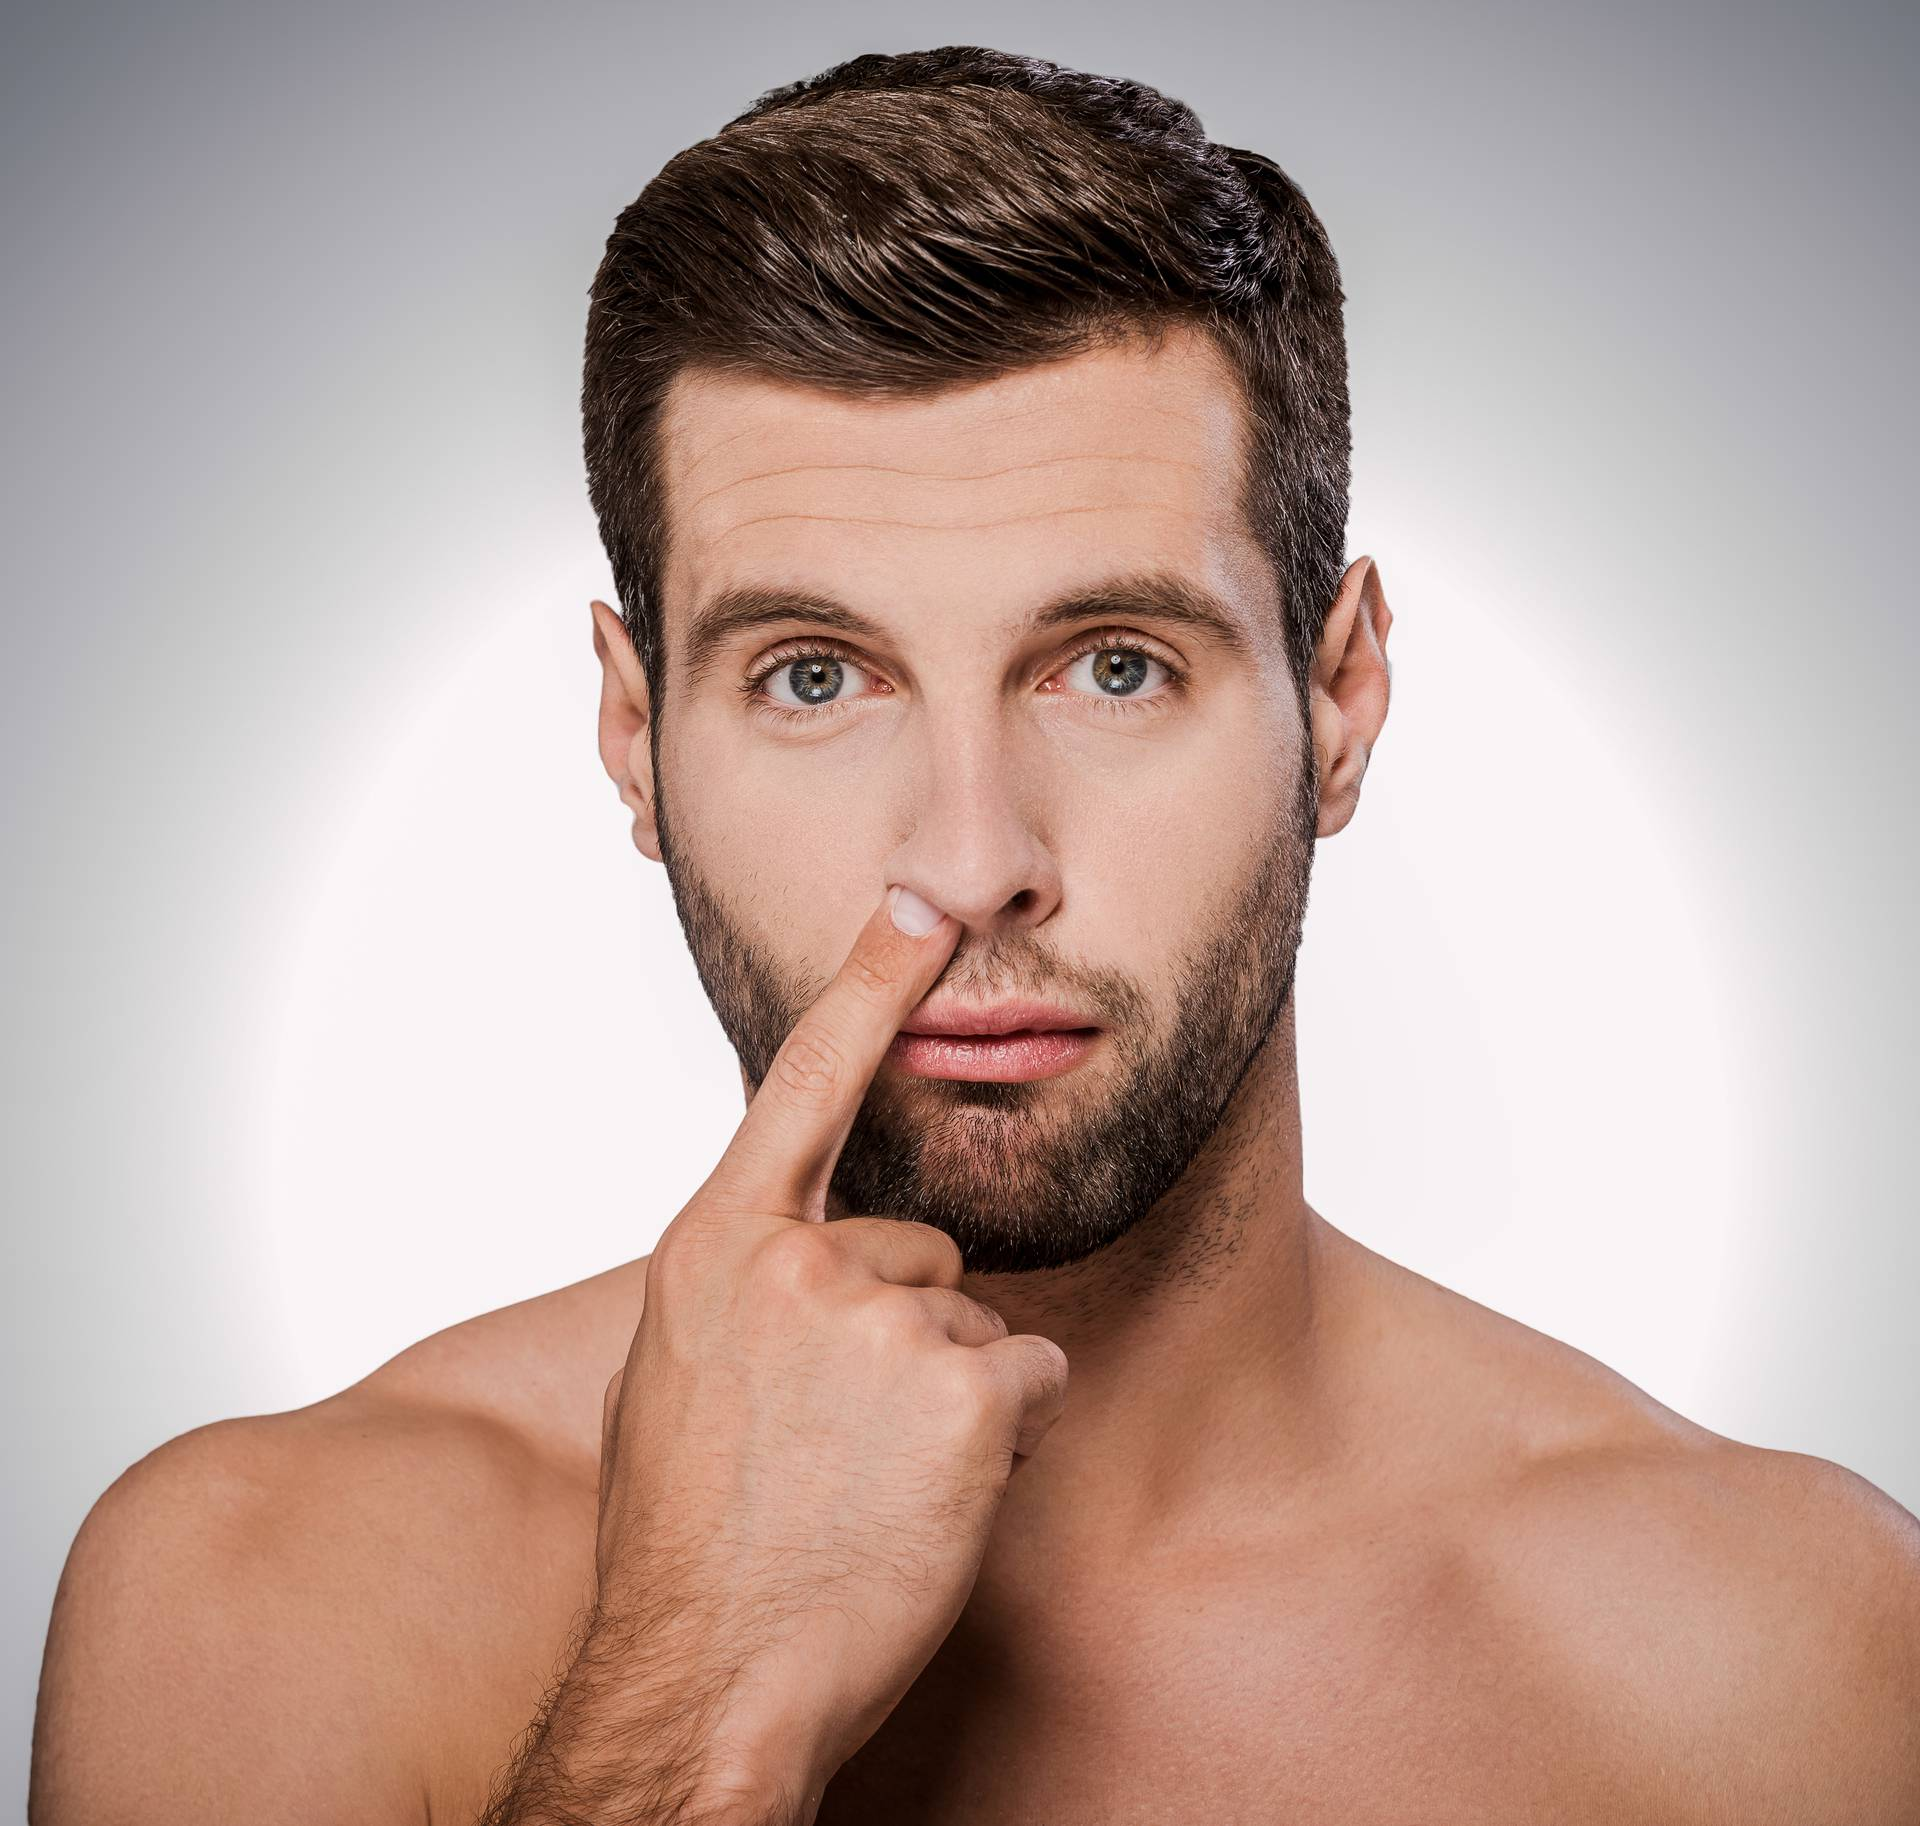 Nevjerojatnih 91 posto odraslih kopa nos i pojede svoje šmrklje